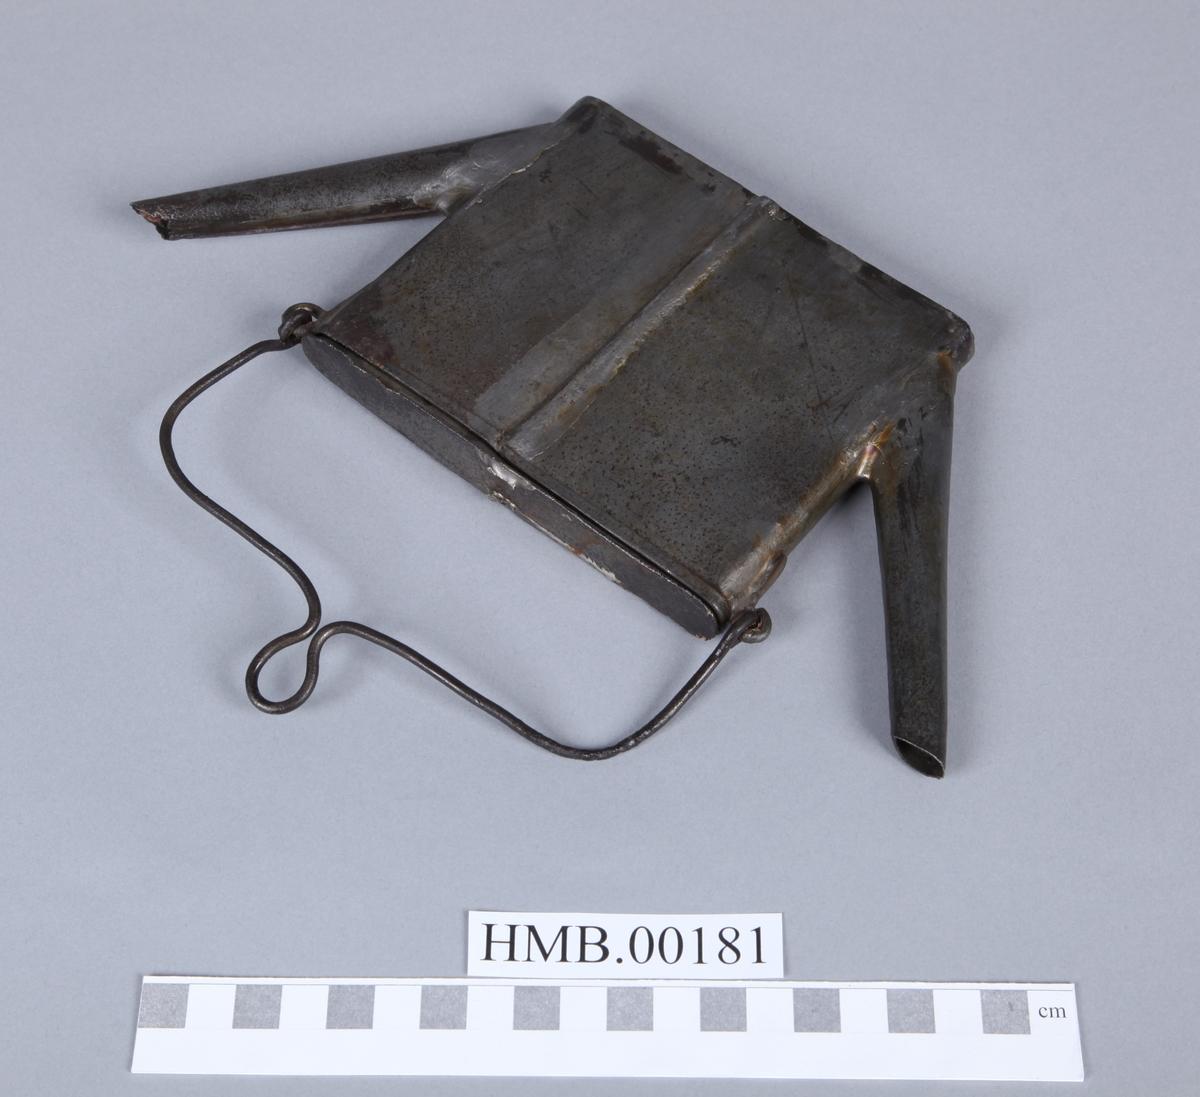 Flat, firkantet. Gjenstanden har lokk, tut i begge ender og hank til oppheng. Se HMB.00182-HMB.00192.